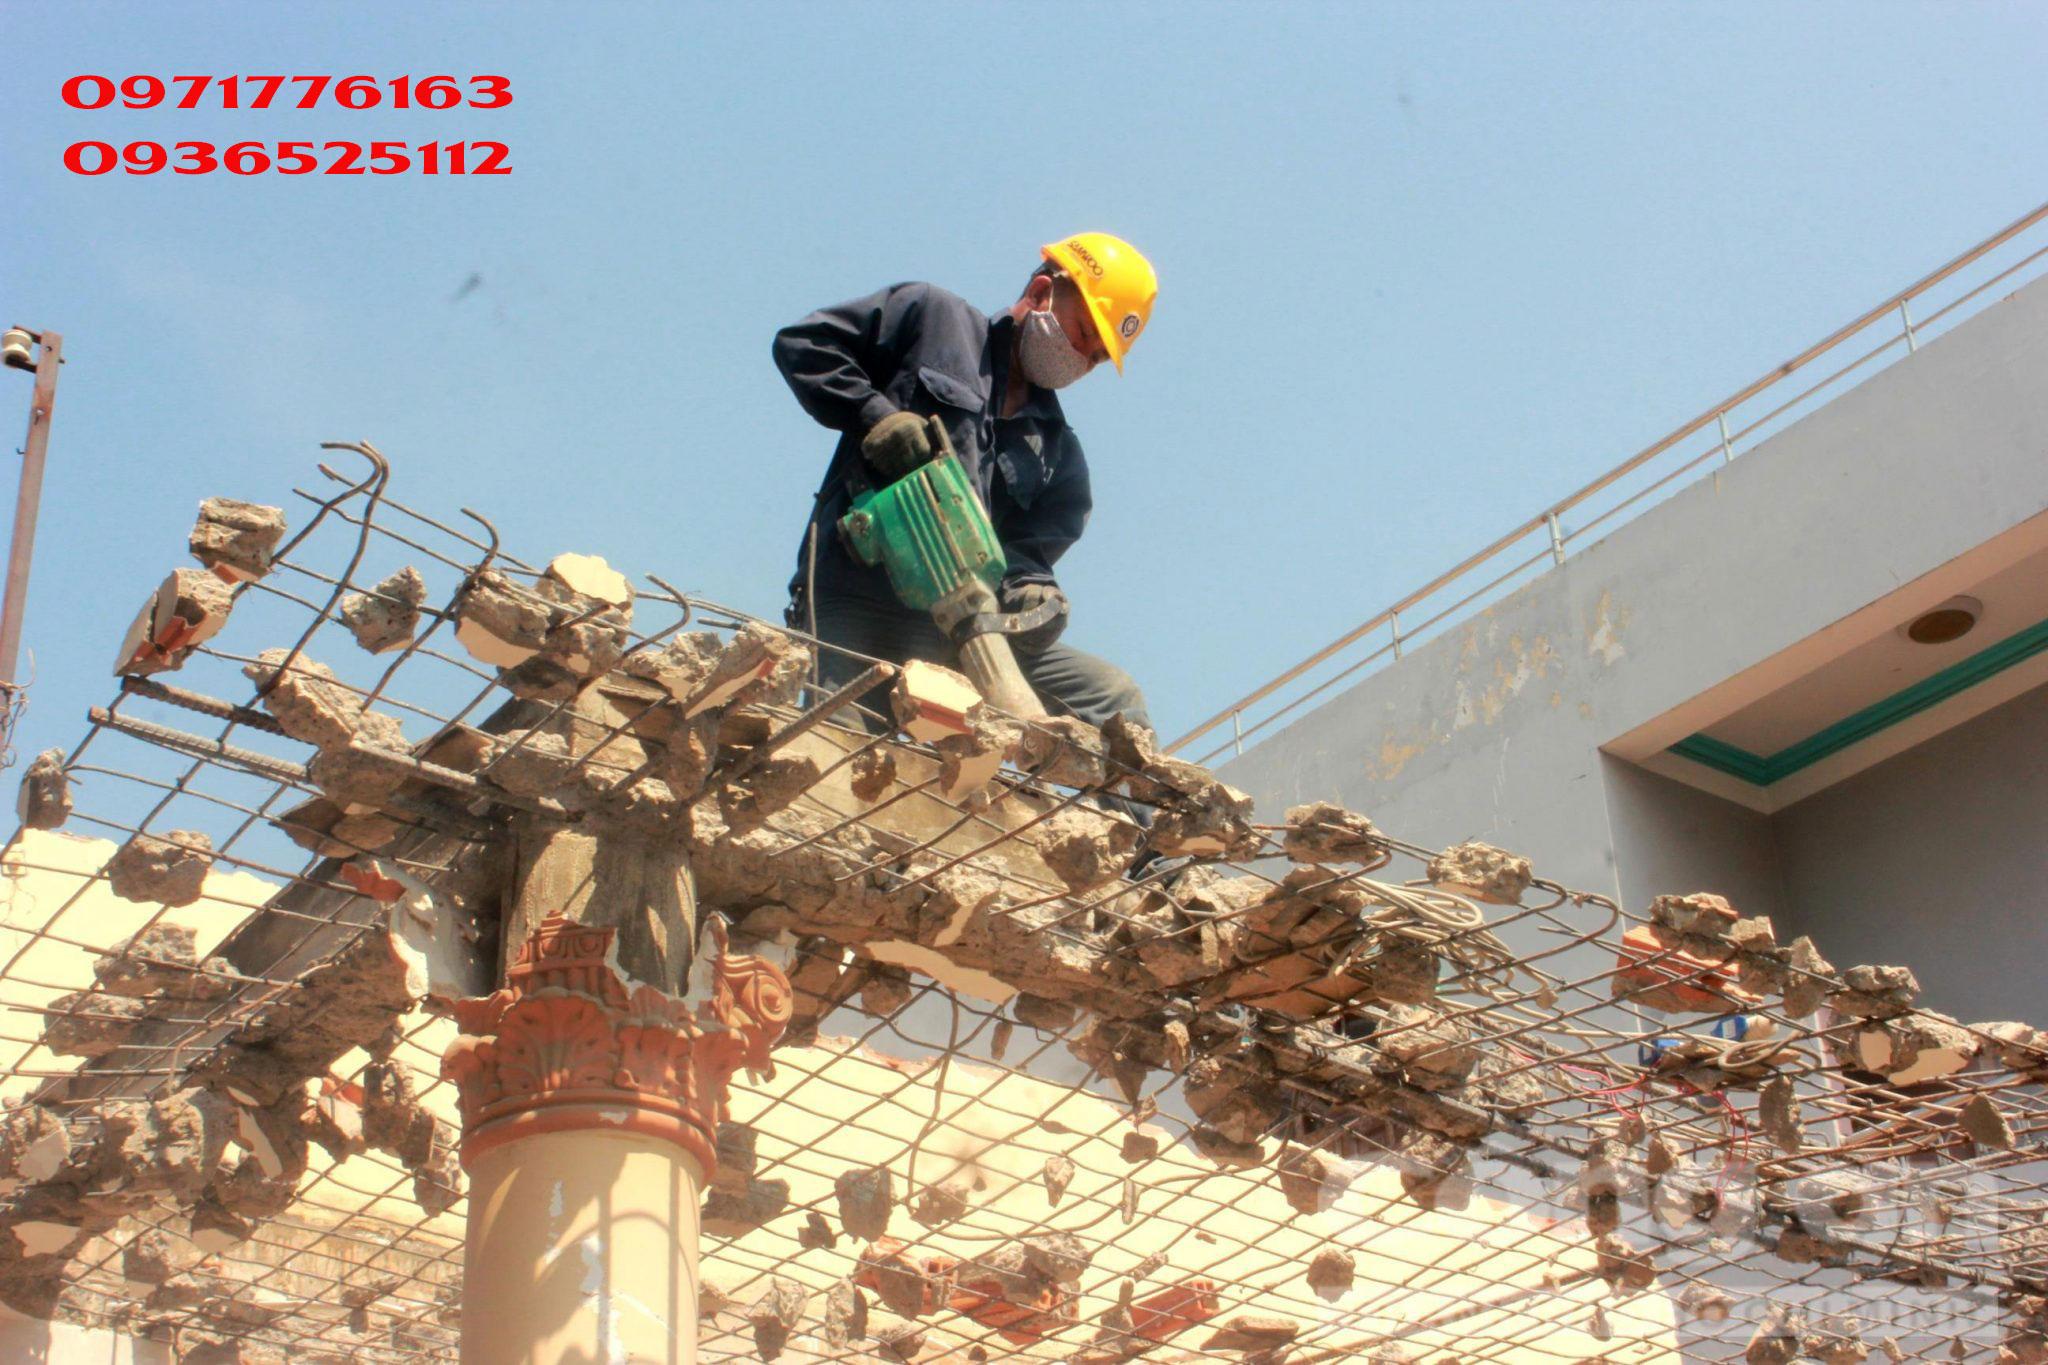 Khoan cắt bê tông Tây Ninh, khoan cat be tong tay ninh